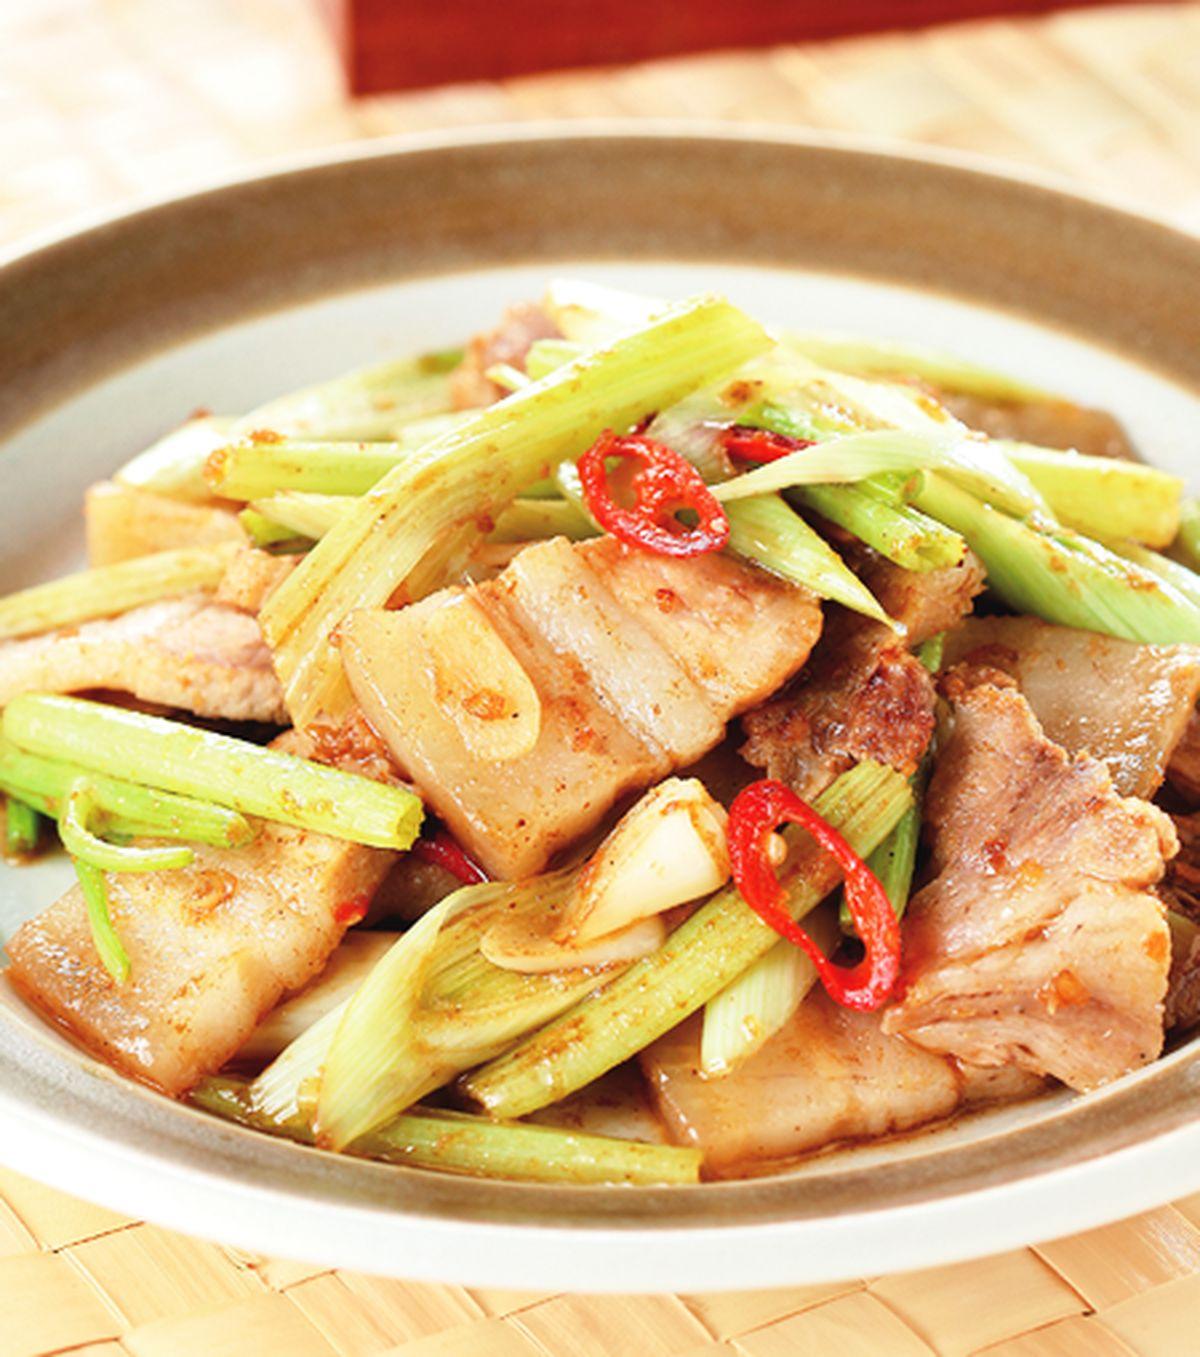 食譜:蒜苗炒五花肉片